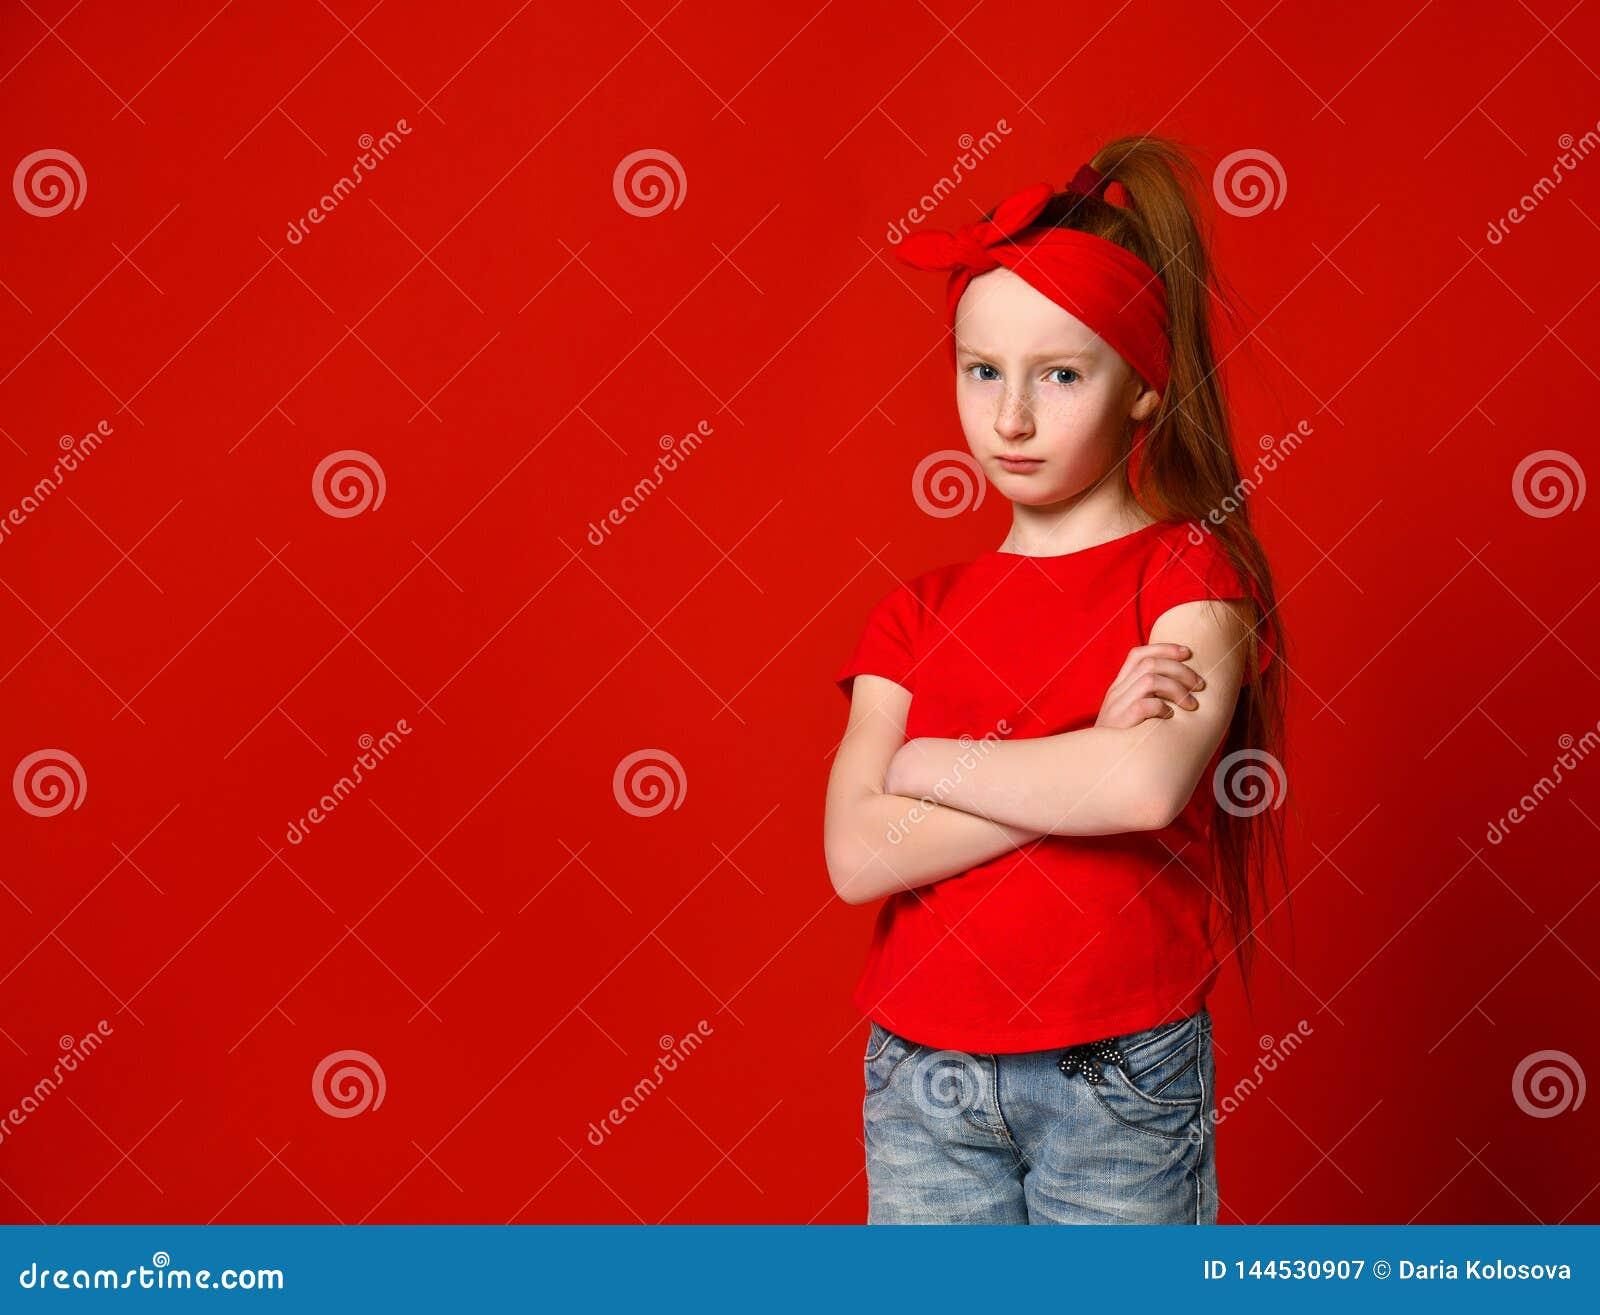 Retrato de uma menina bonito virada em uma veste vermelha, estando com mãos dobradas e olhando a câmera